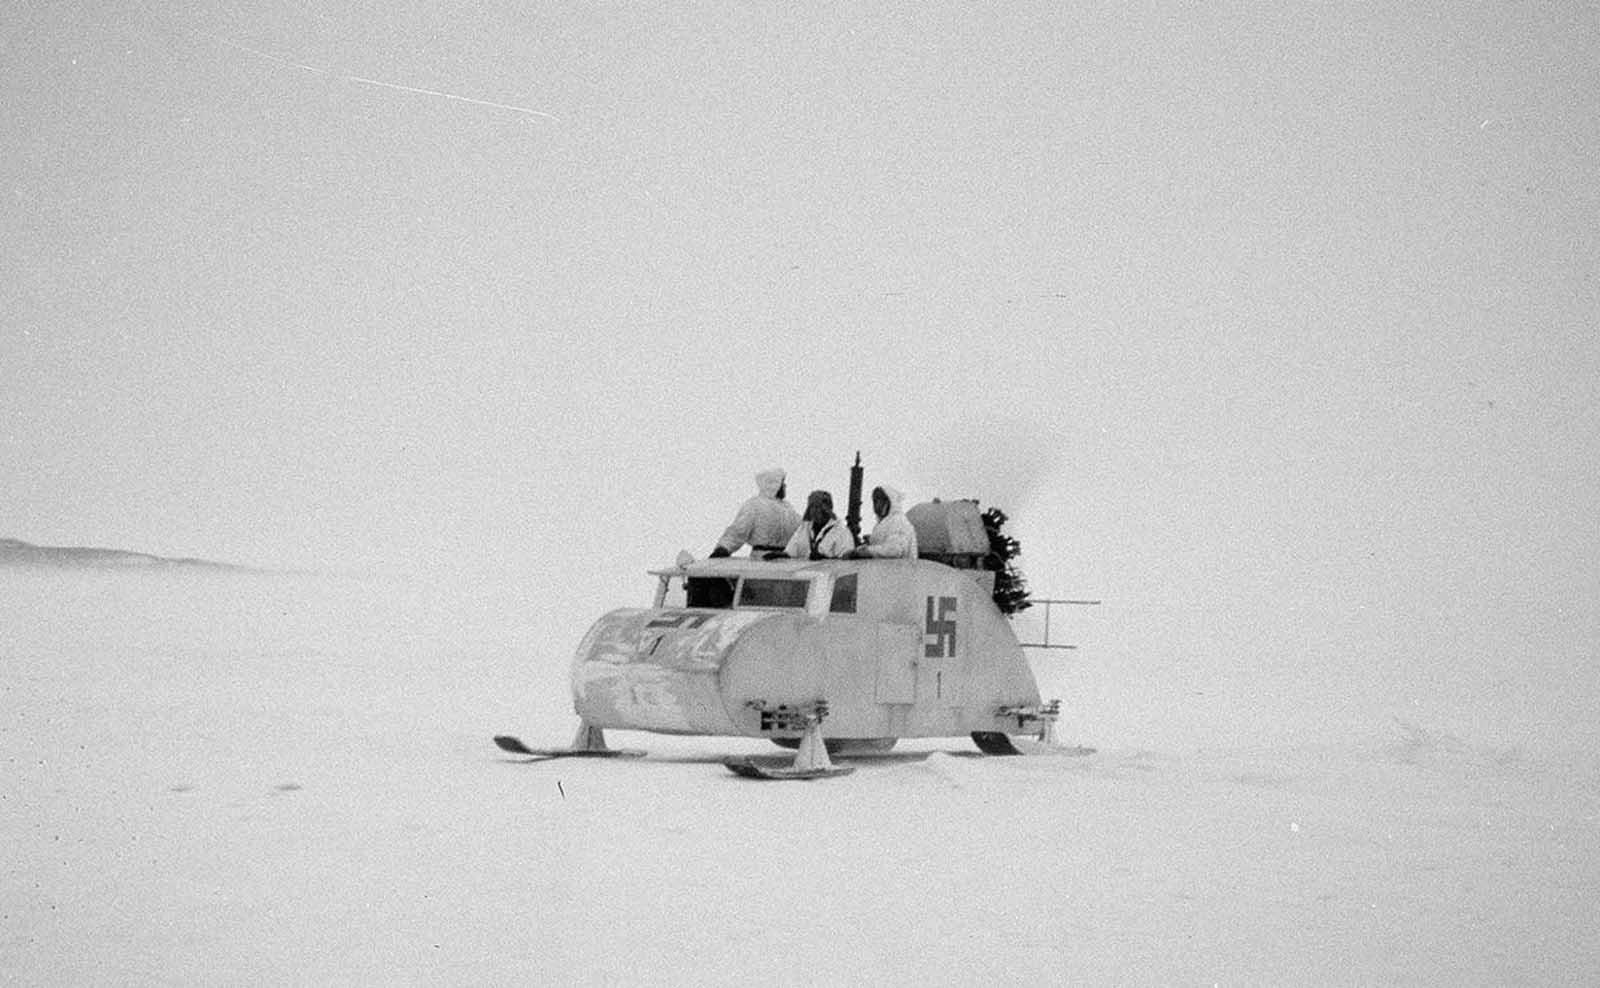 Motonieve impulsada por hélices cerca de Haapasaari, Finlandia. La esvástica se usó como la marca nacional oficial de la Fuerza Aérea de Finlandia y el Cuerpo de Tanques entre 1918 y 1945.